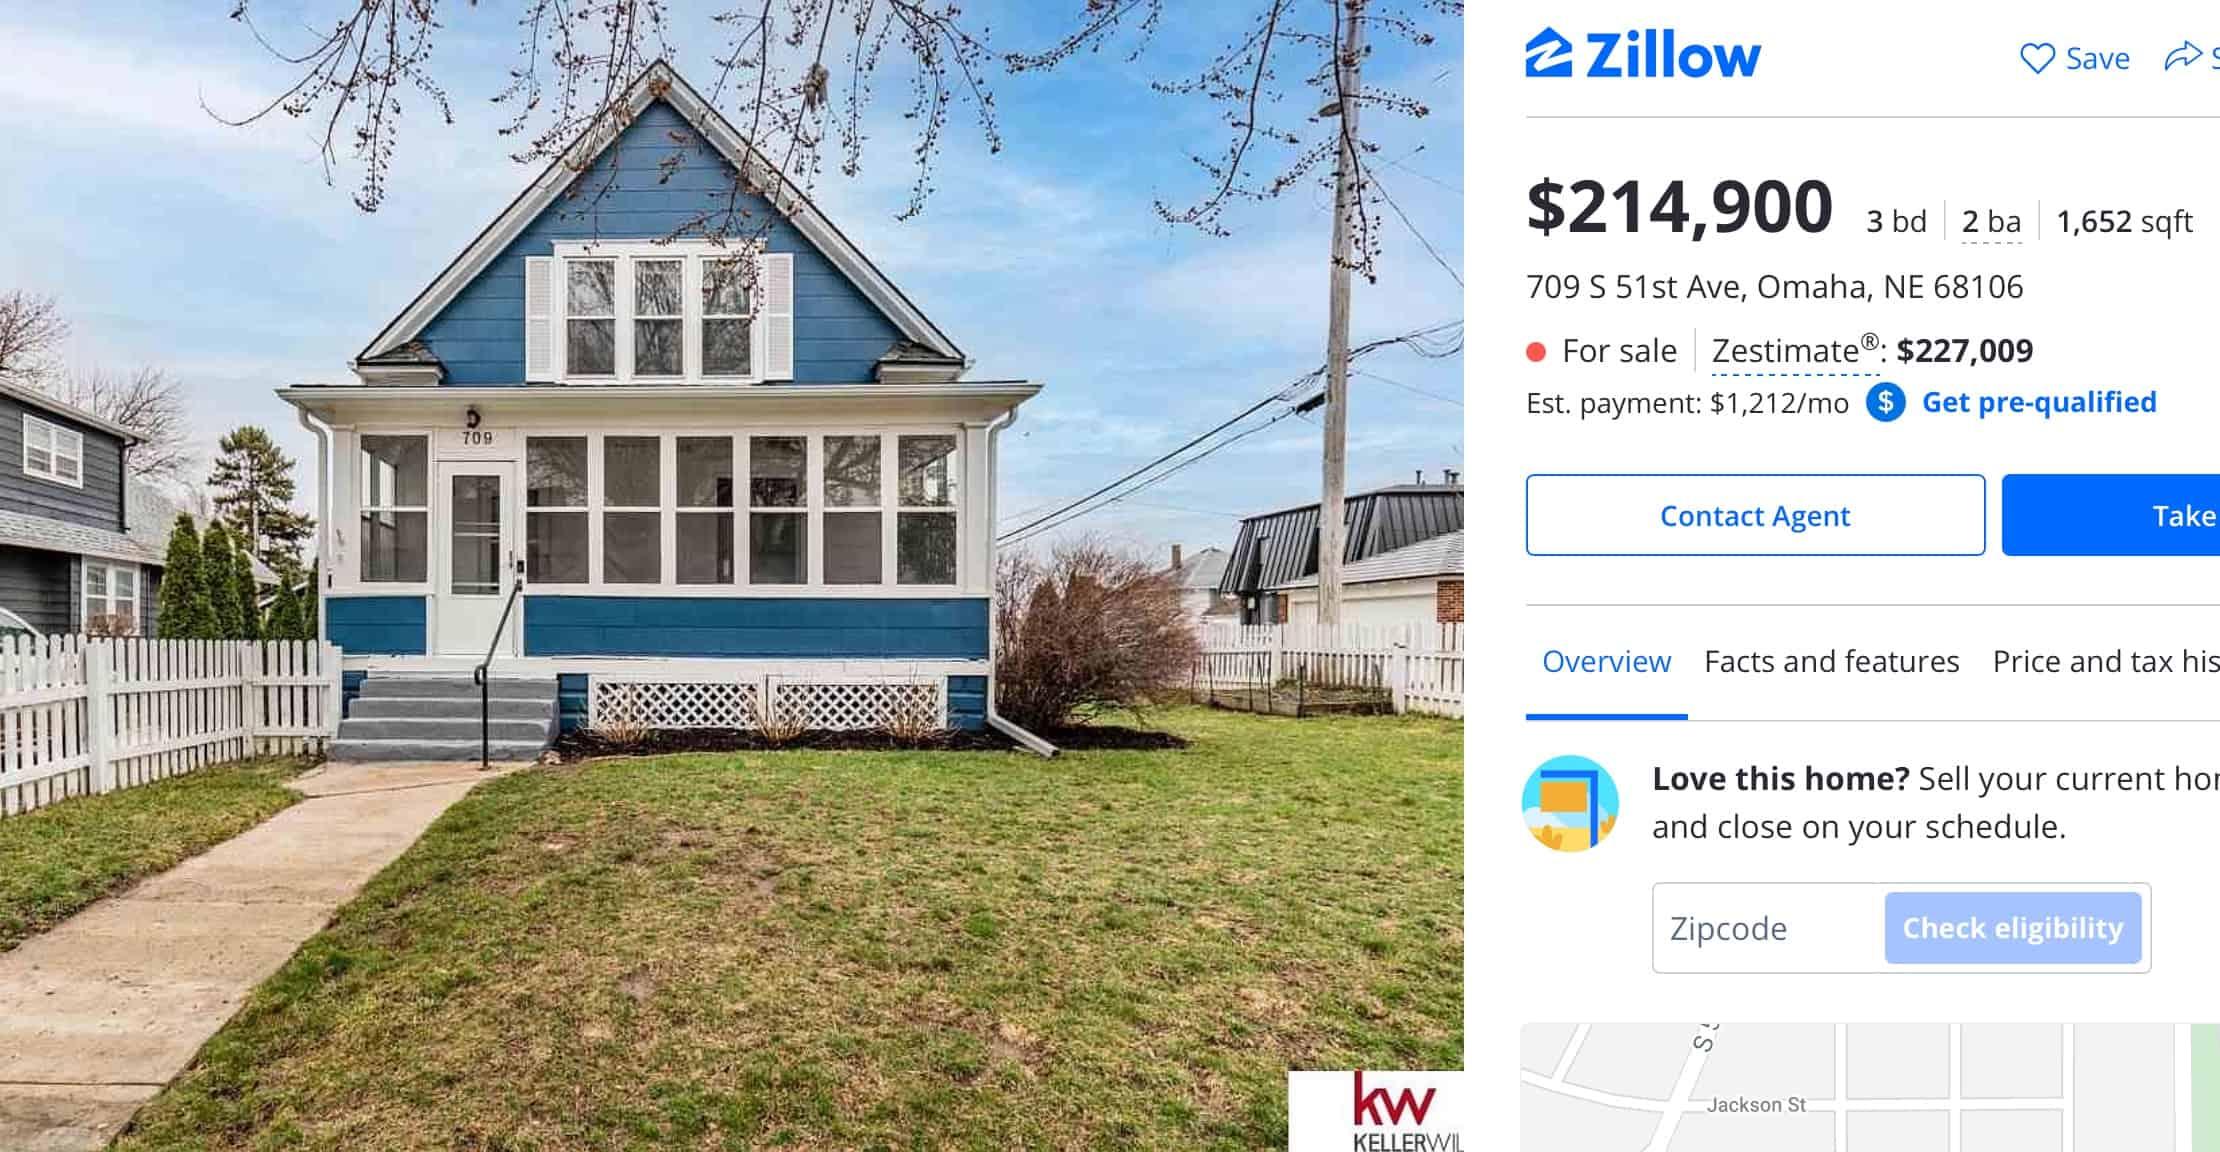 Una casa barata en Omaha